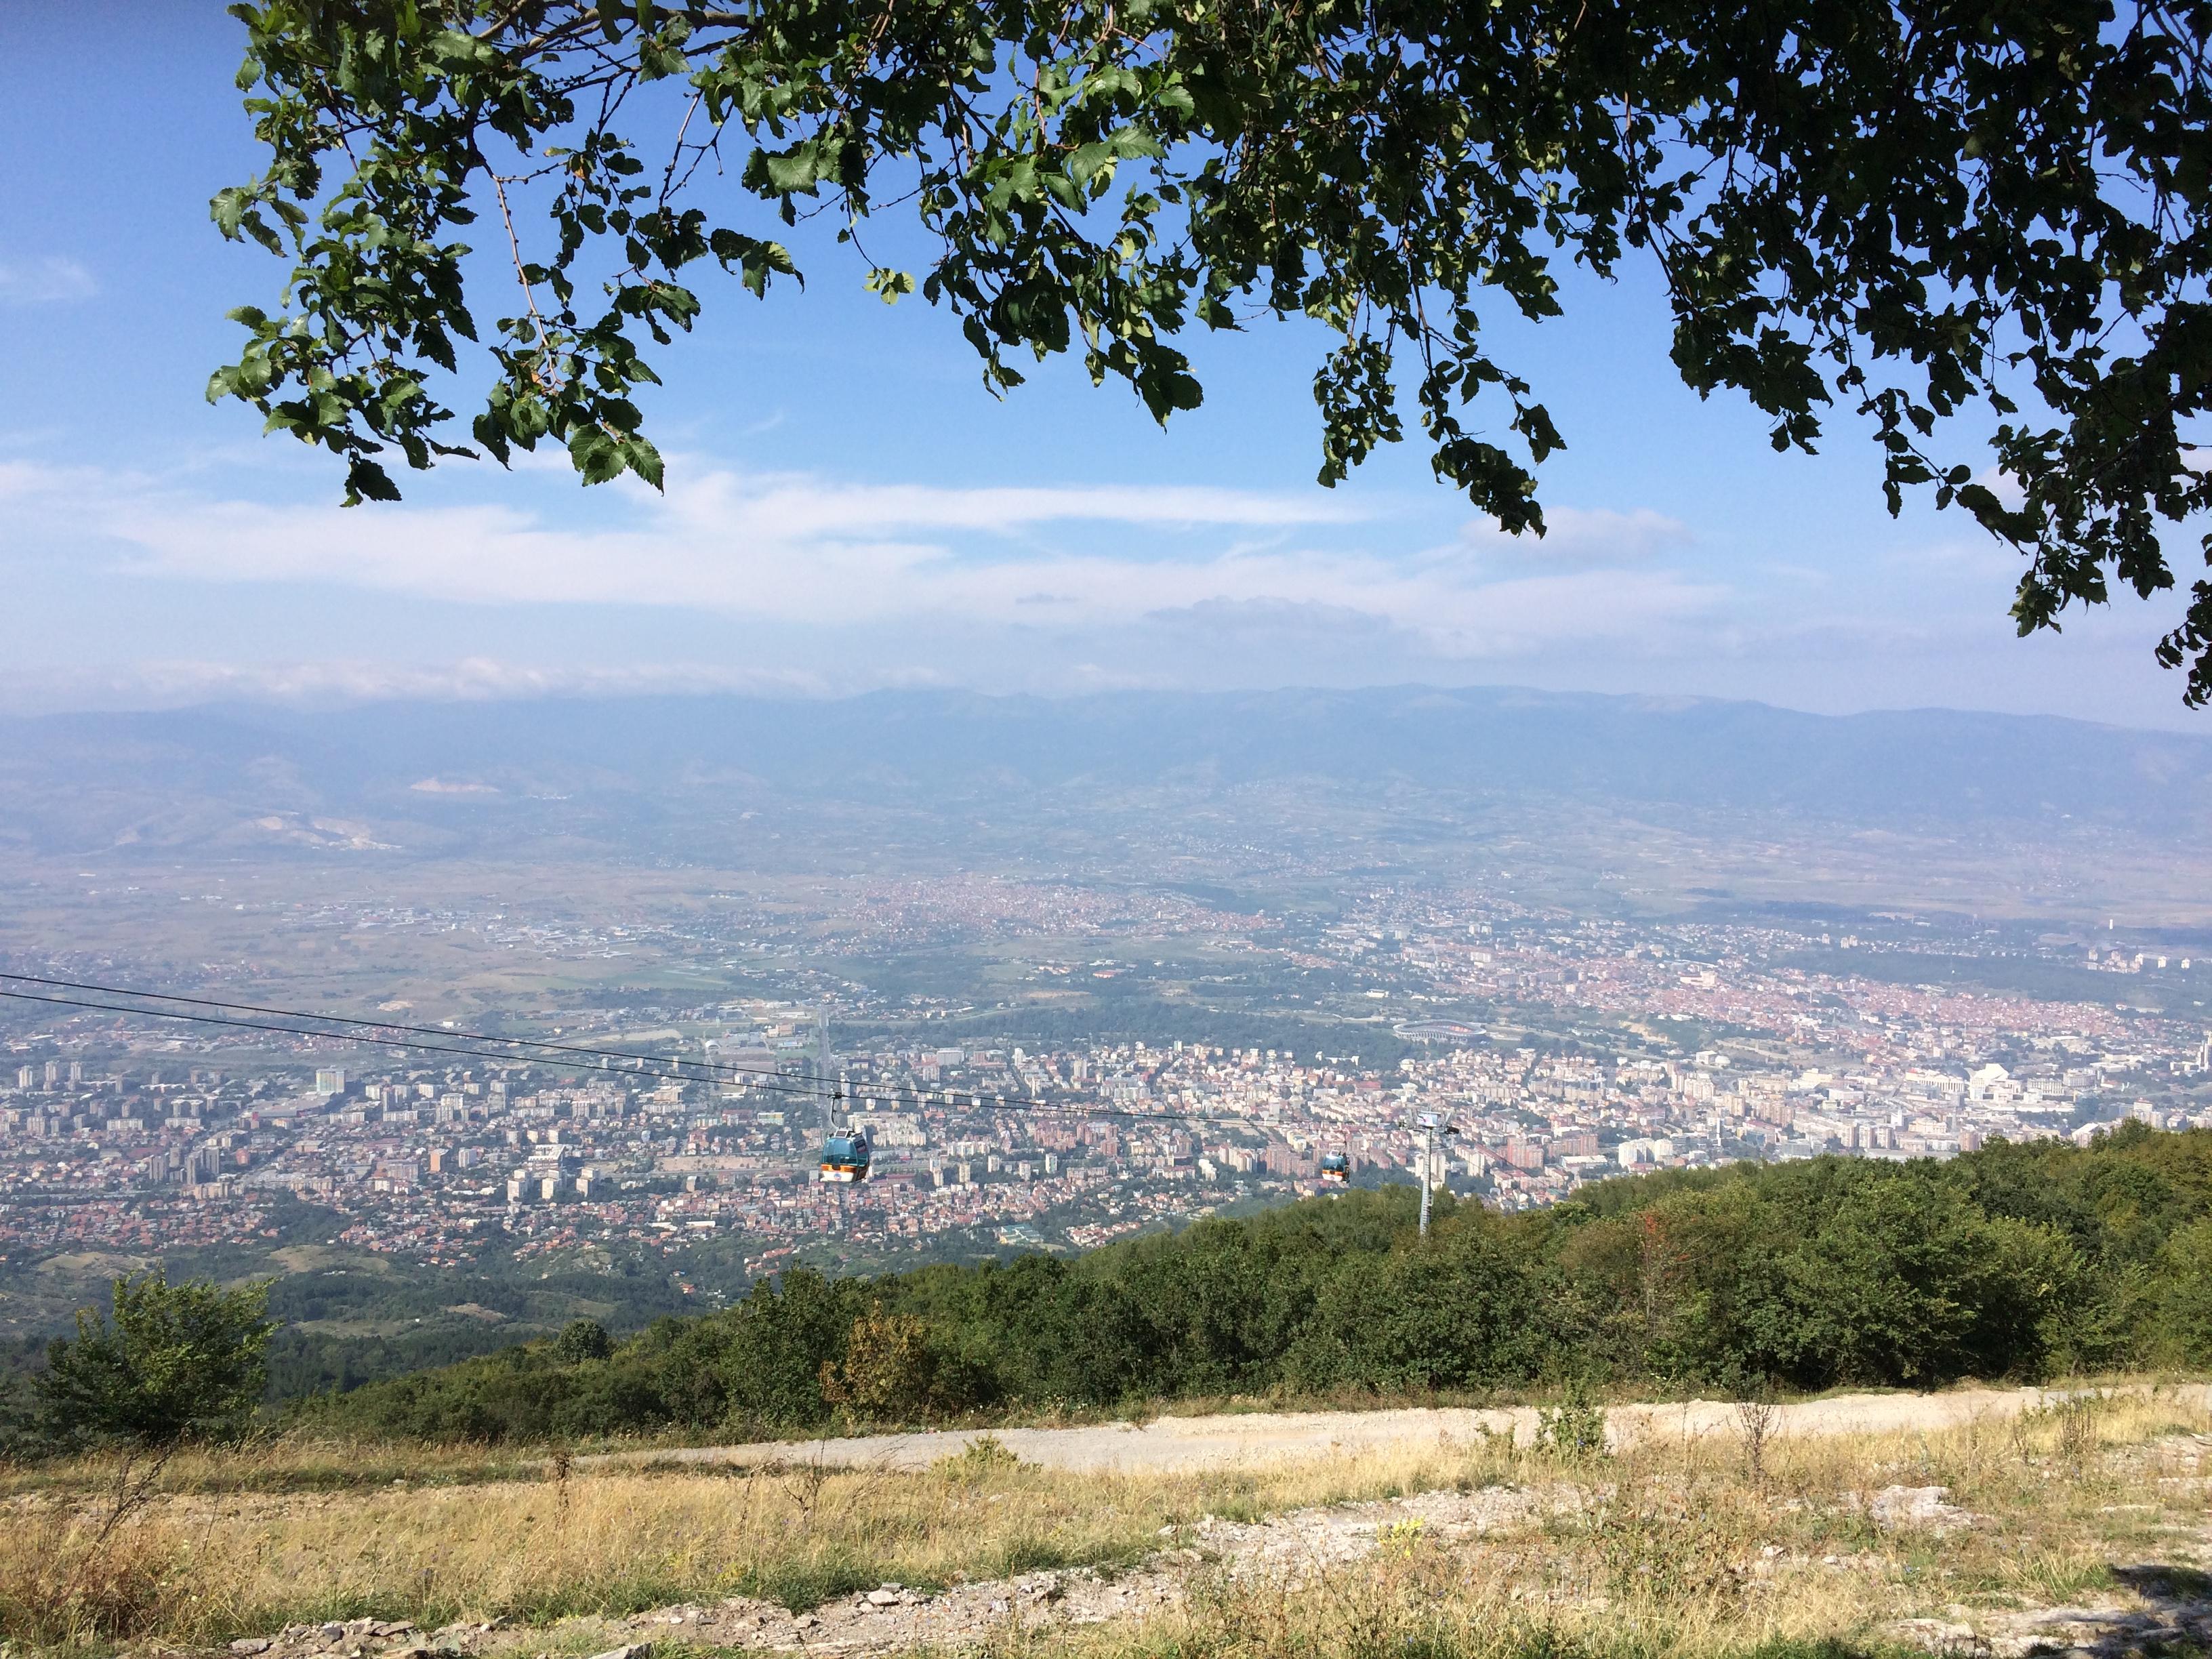 vodno-dağı-uskup-manzara